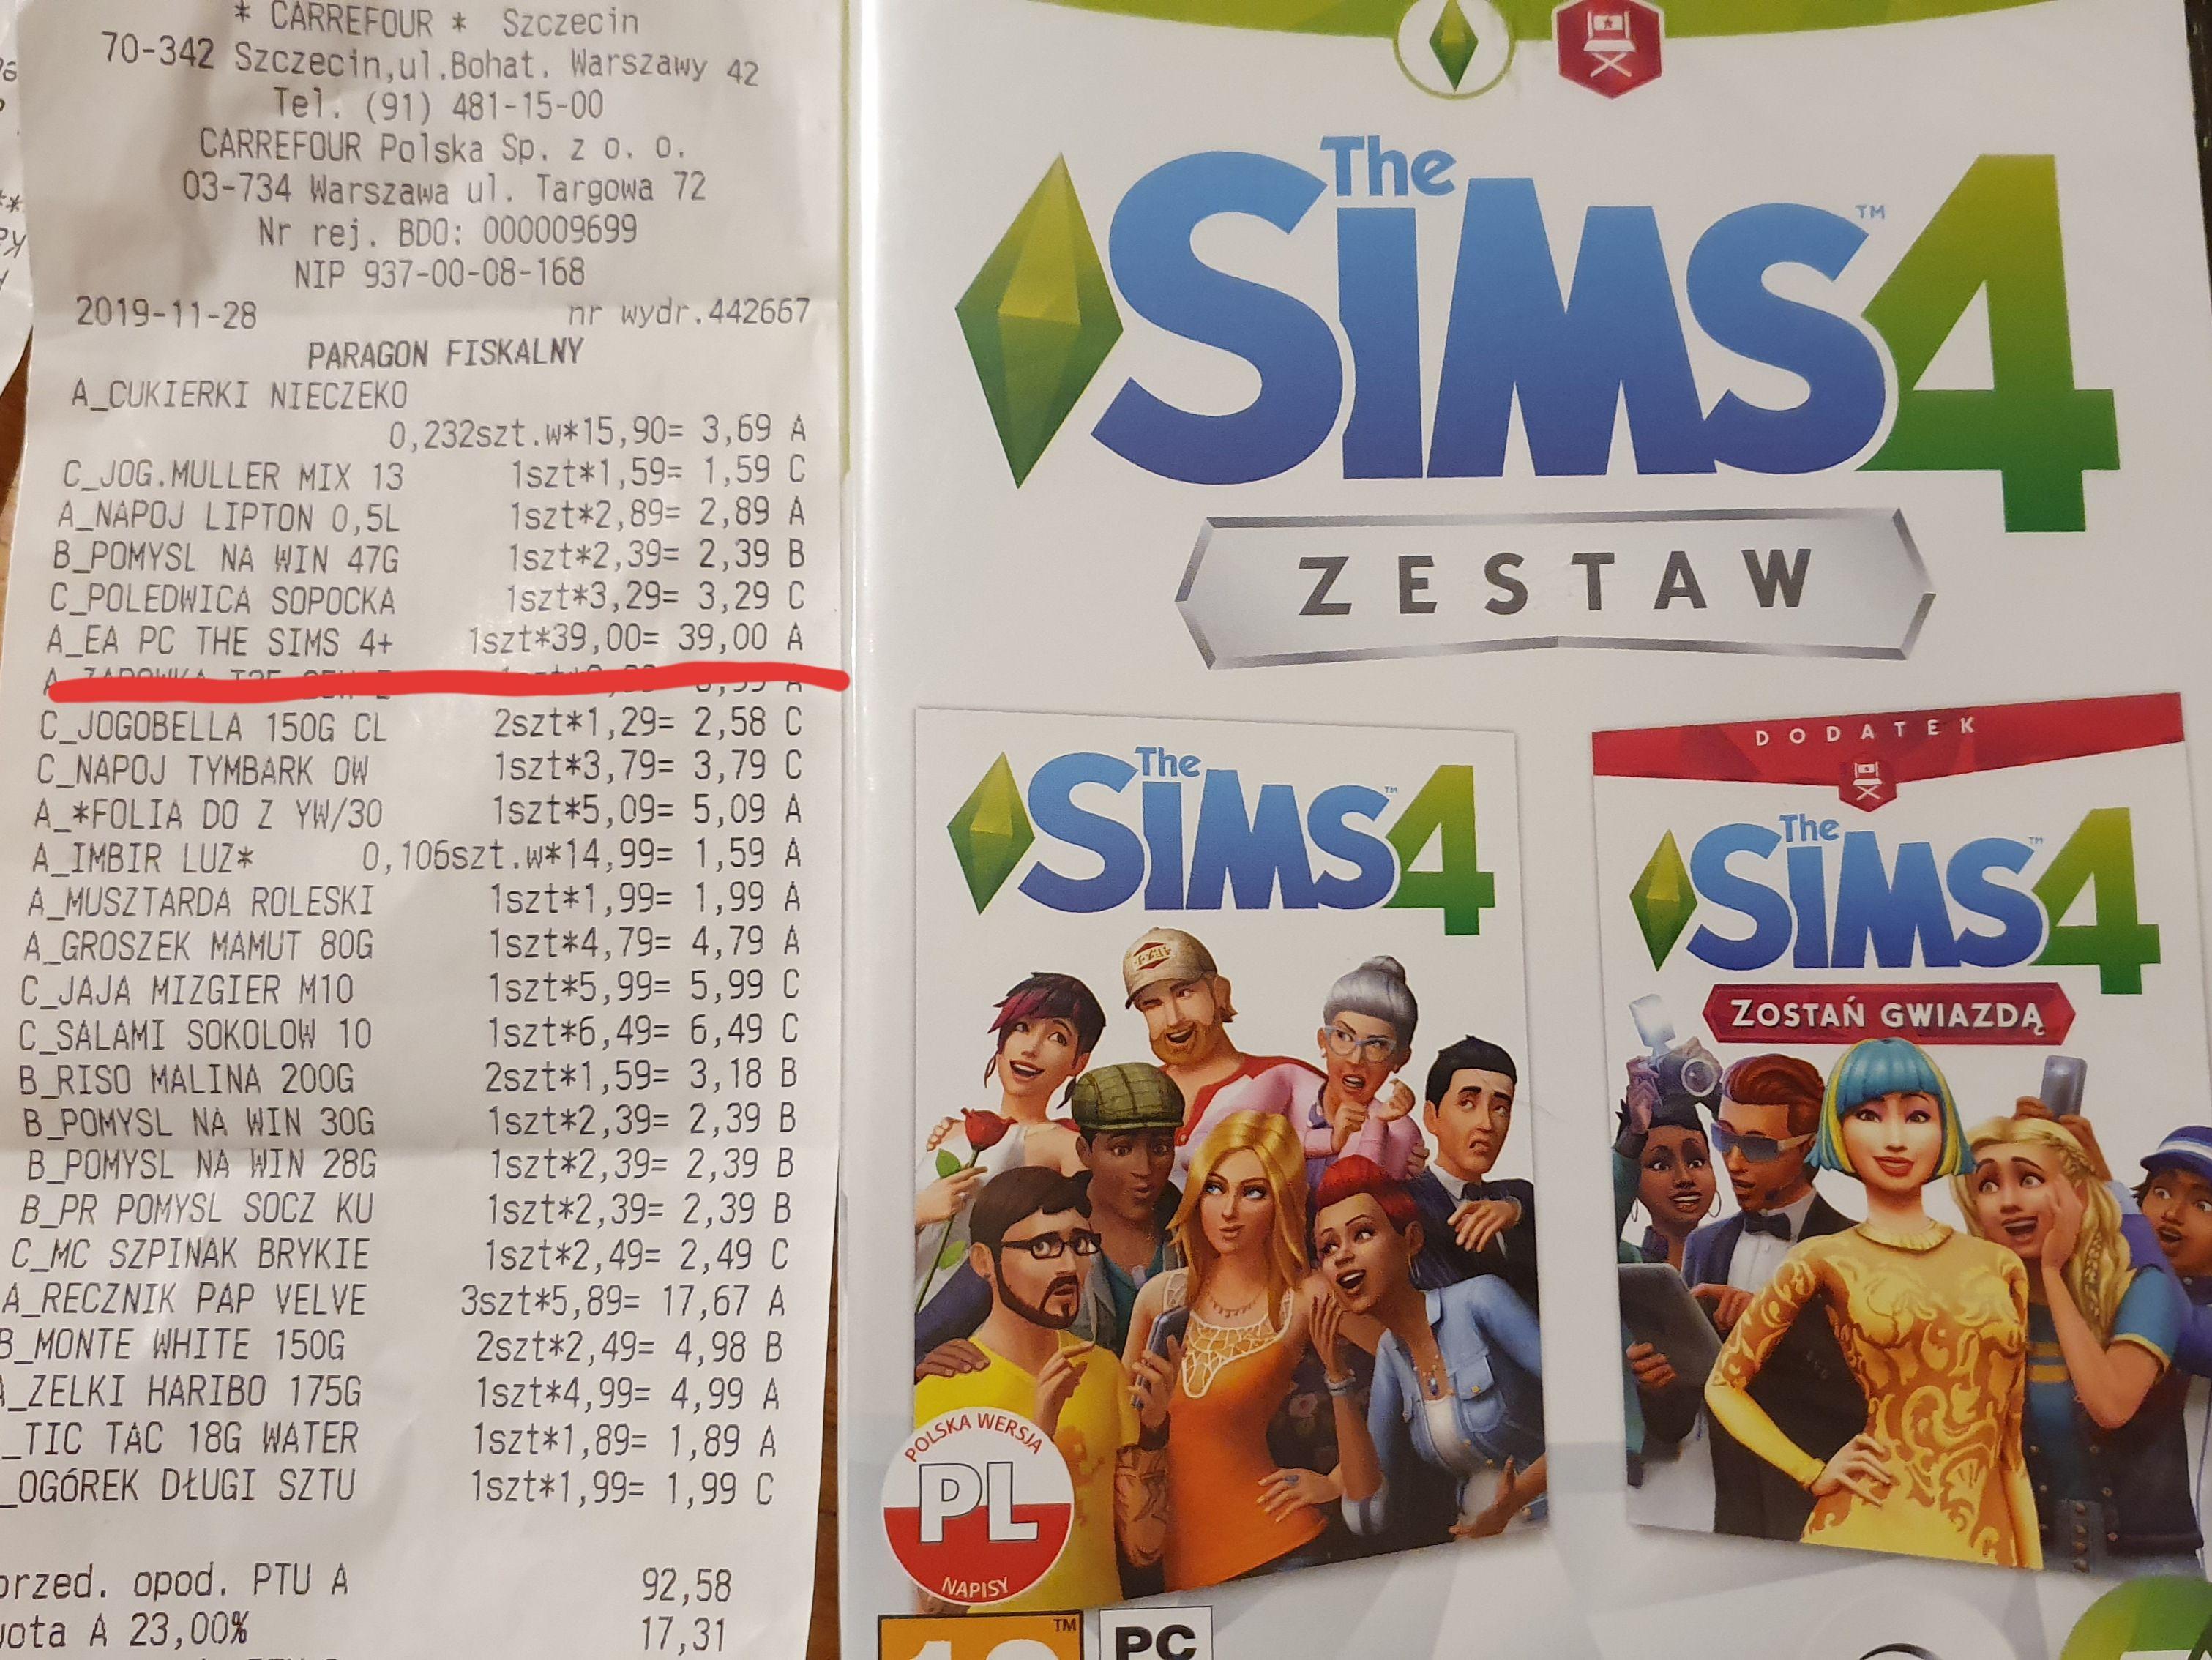 Sims 4 + Zostań Gwiazdą